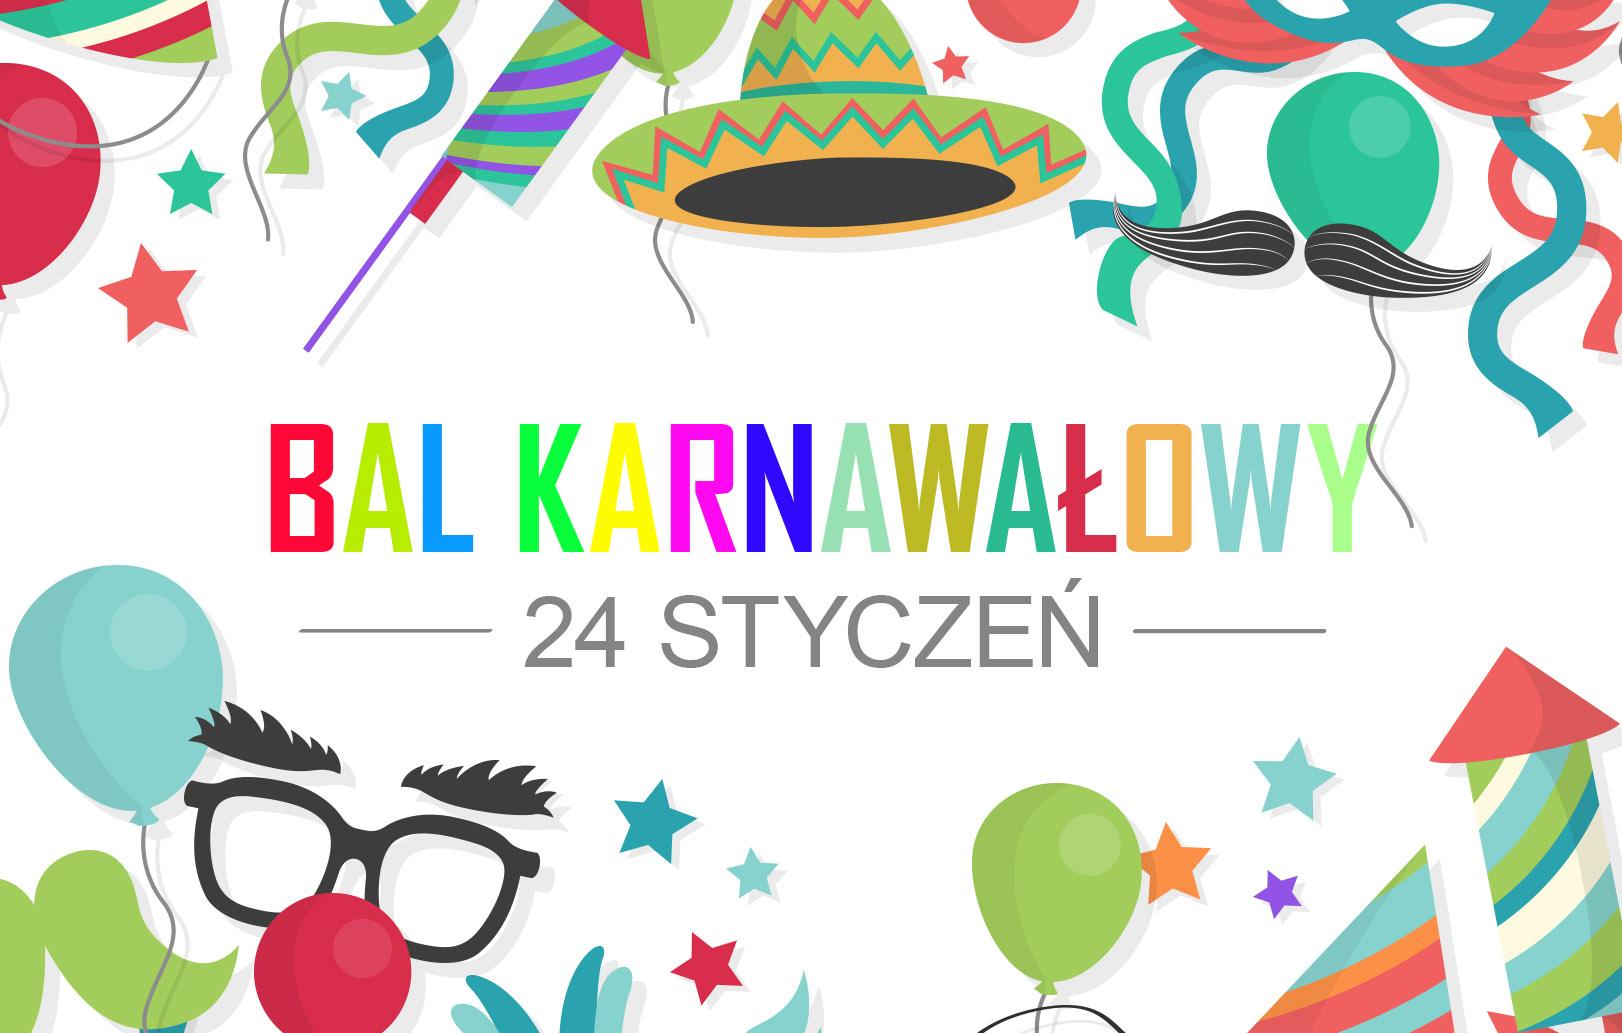 Bal Karnawałowy 2017 w Przedszkolu Samorządowym w Krzeszowicach